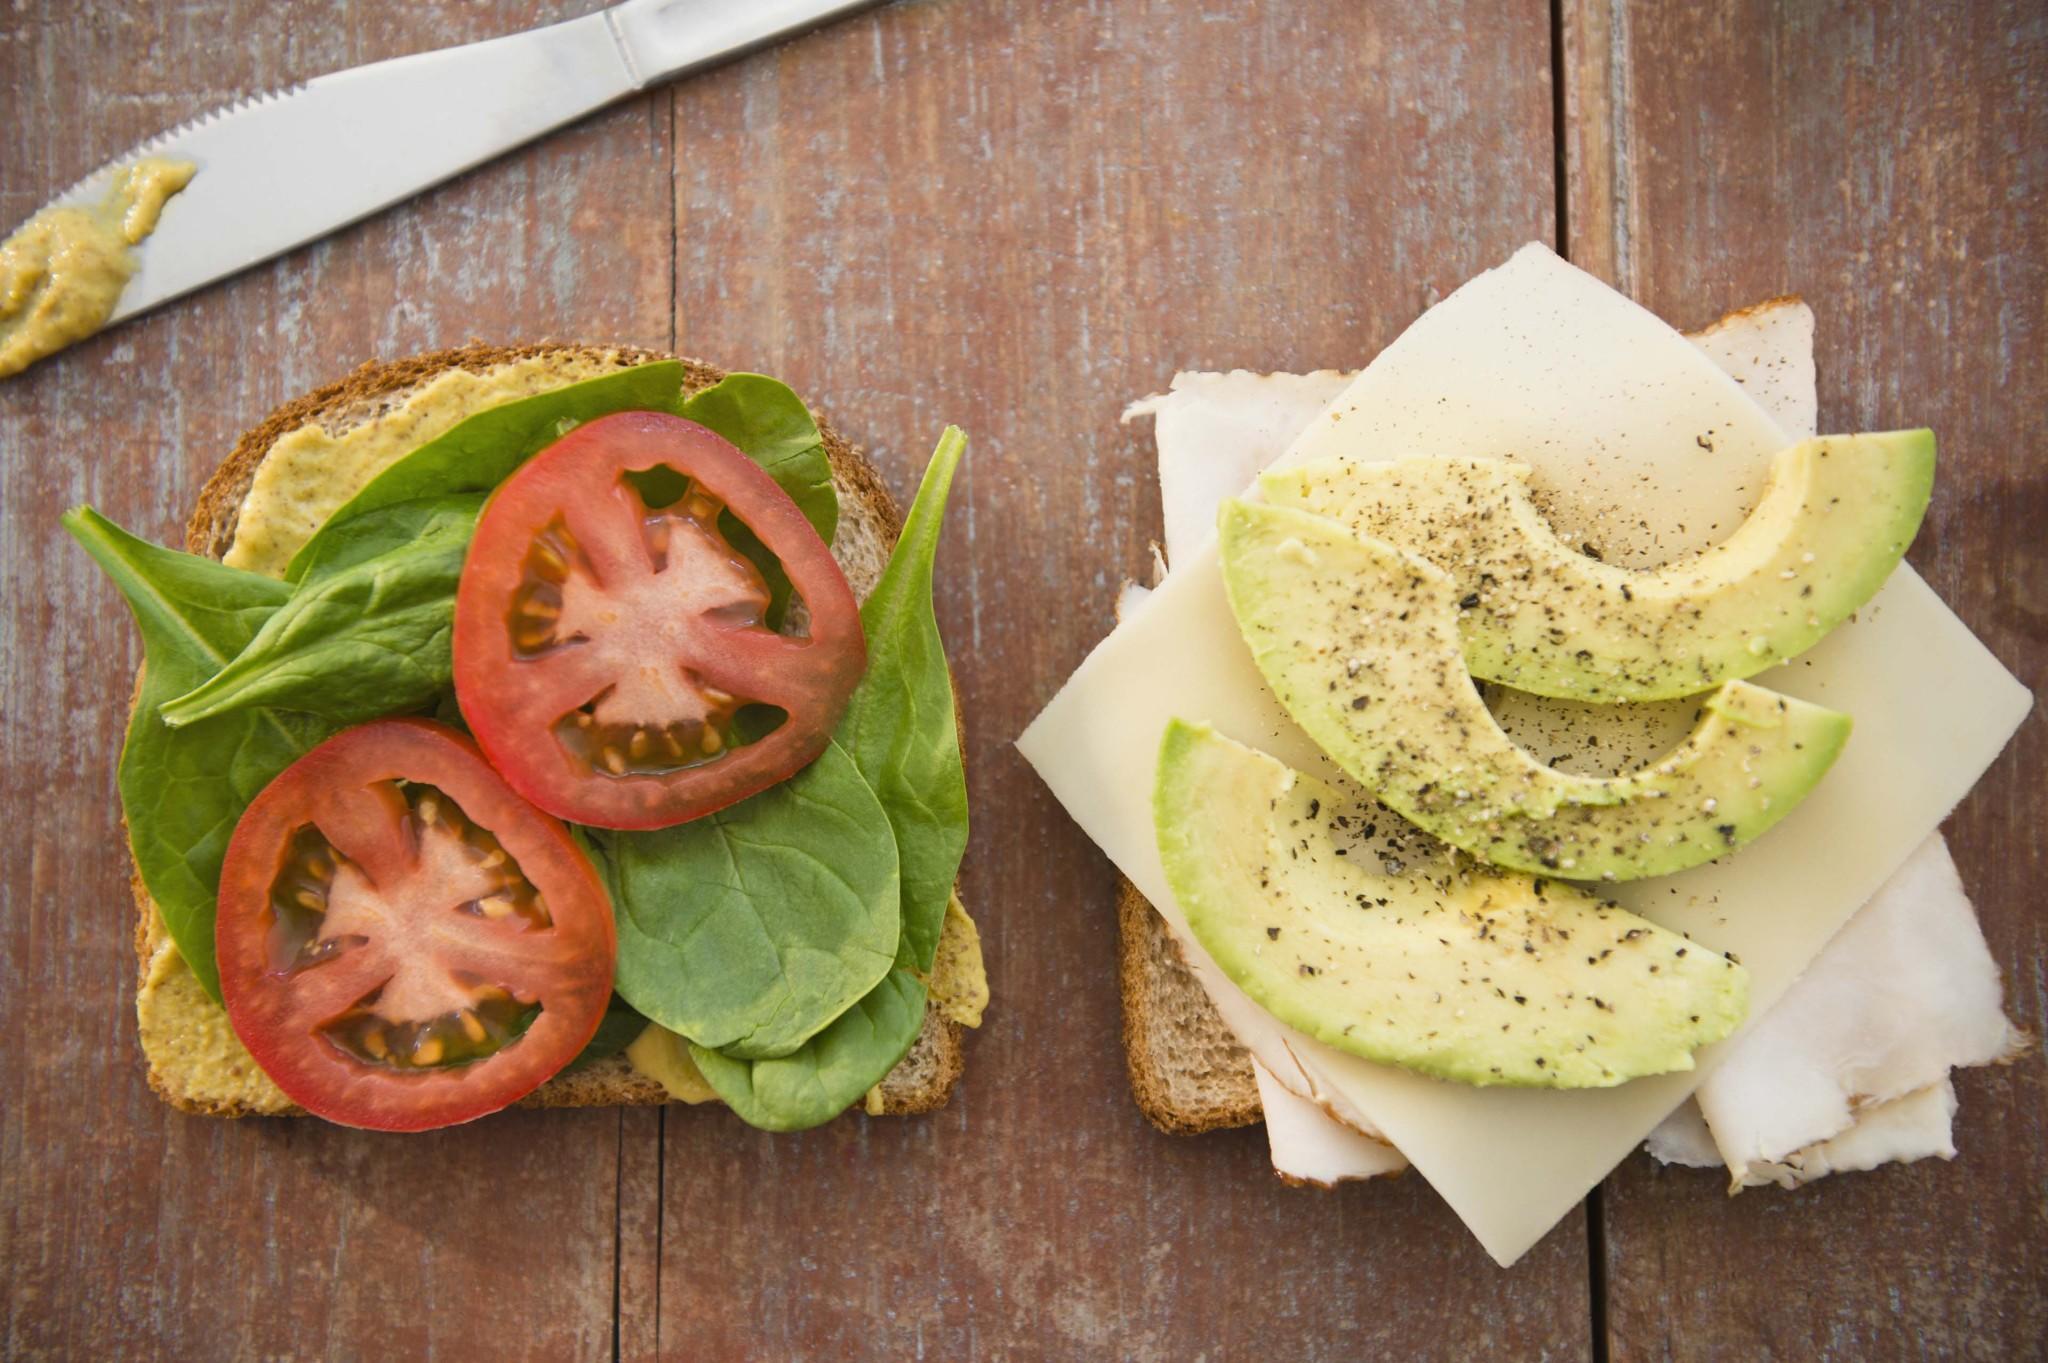 avocado richtig essen diese fehler sollten sie vermeiden. Black Bedroom Furniture Sets. Home Design Ideas